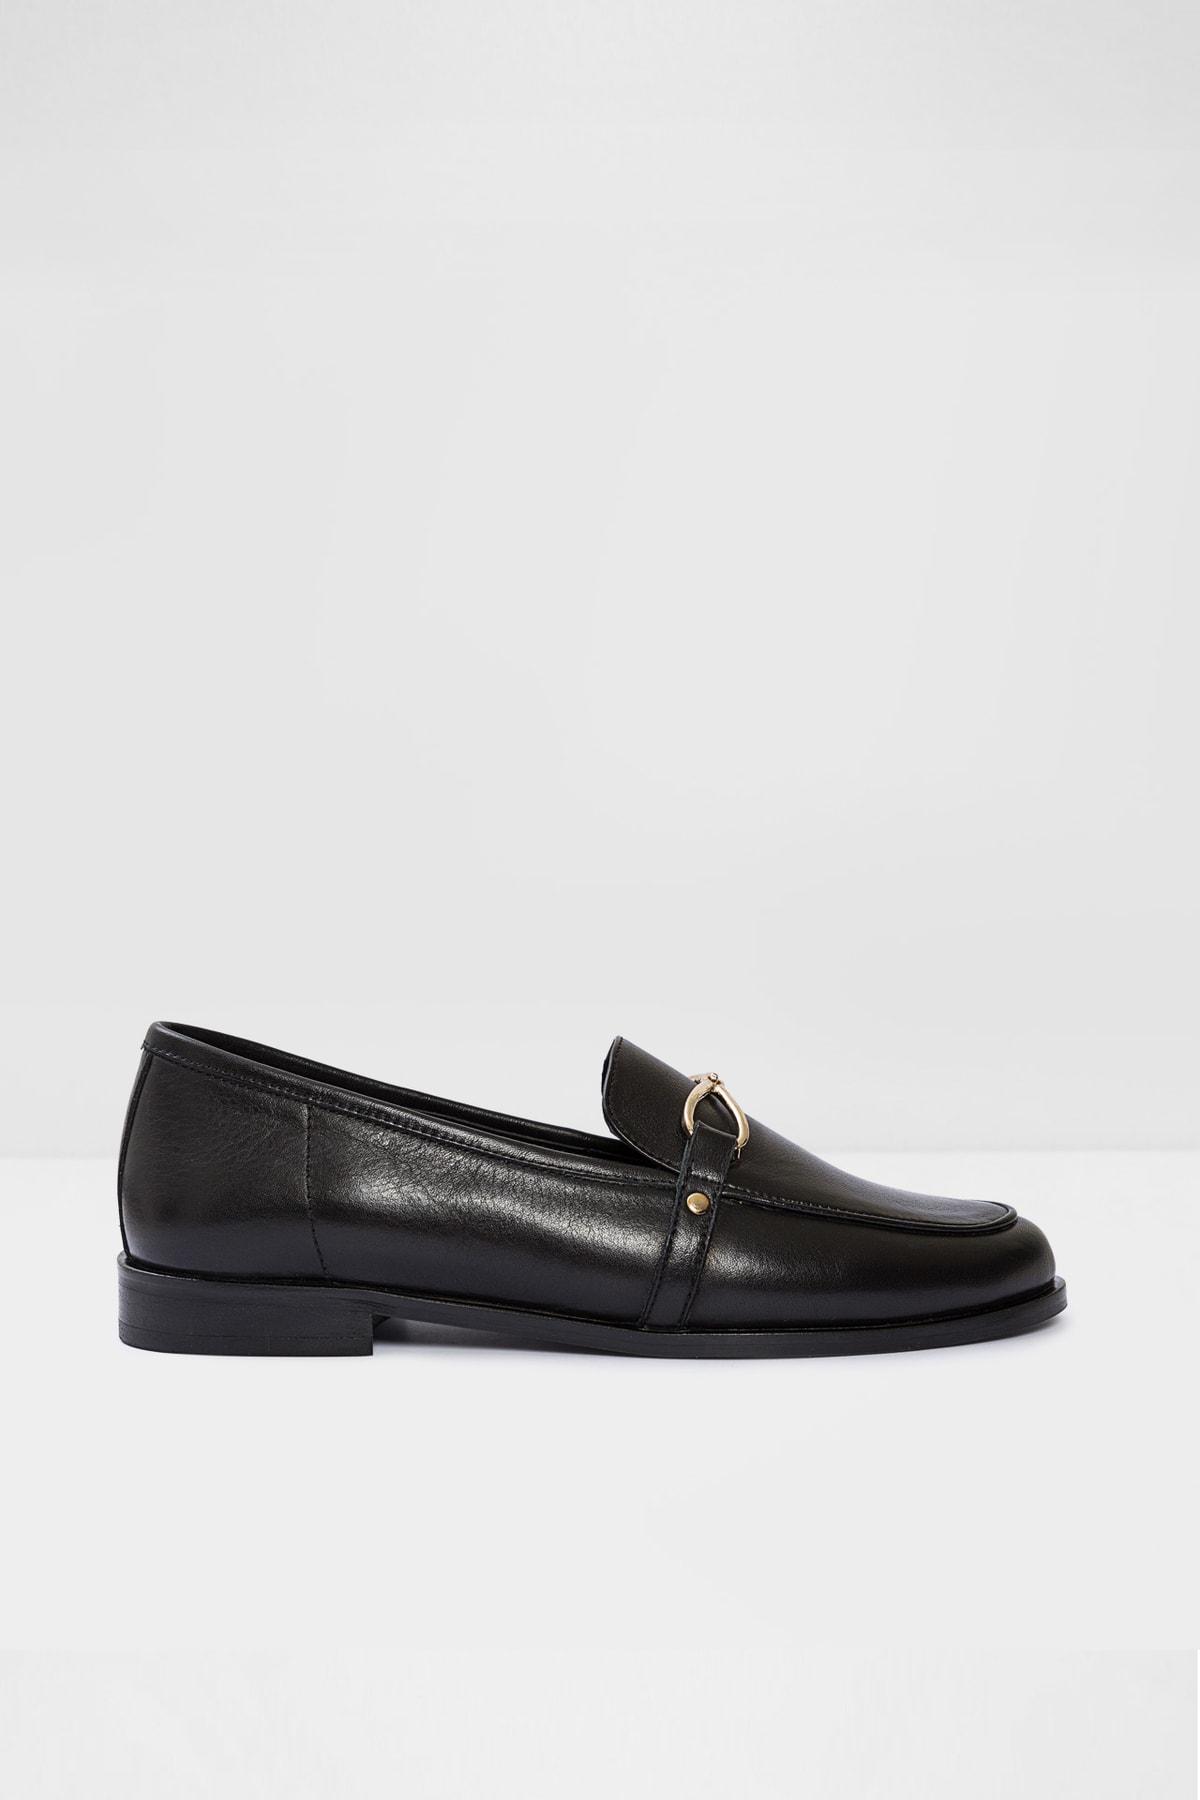 Aldo Afaucıa-tr - Siyah Kadın Loafer Ayakkabı 1